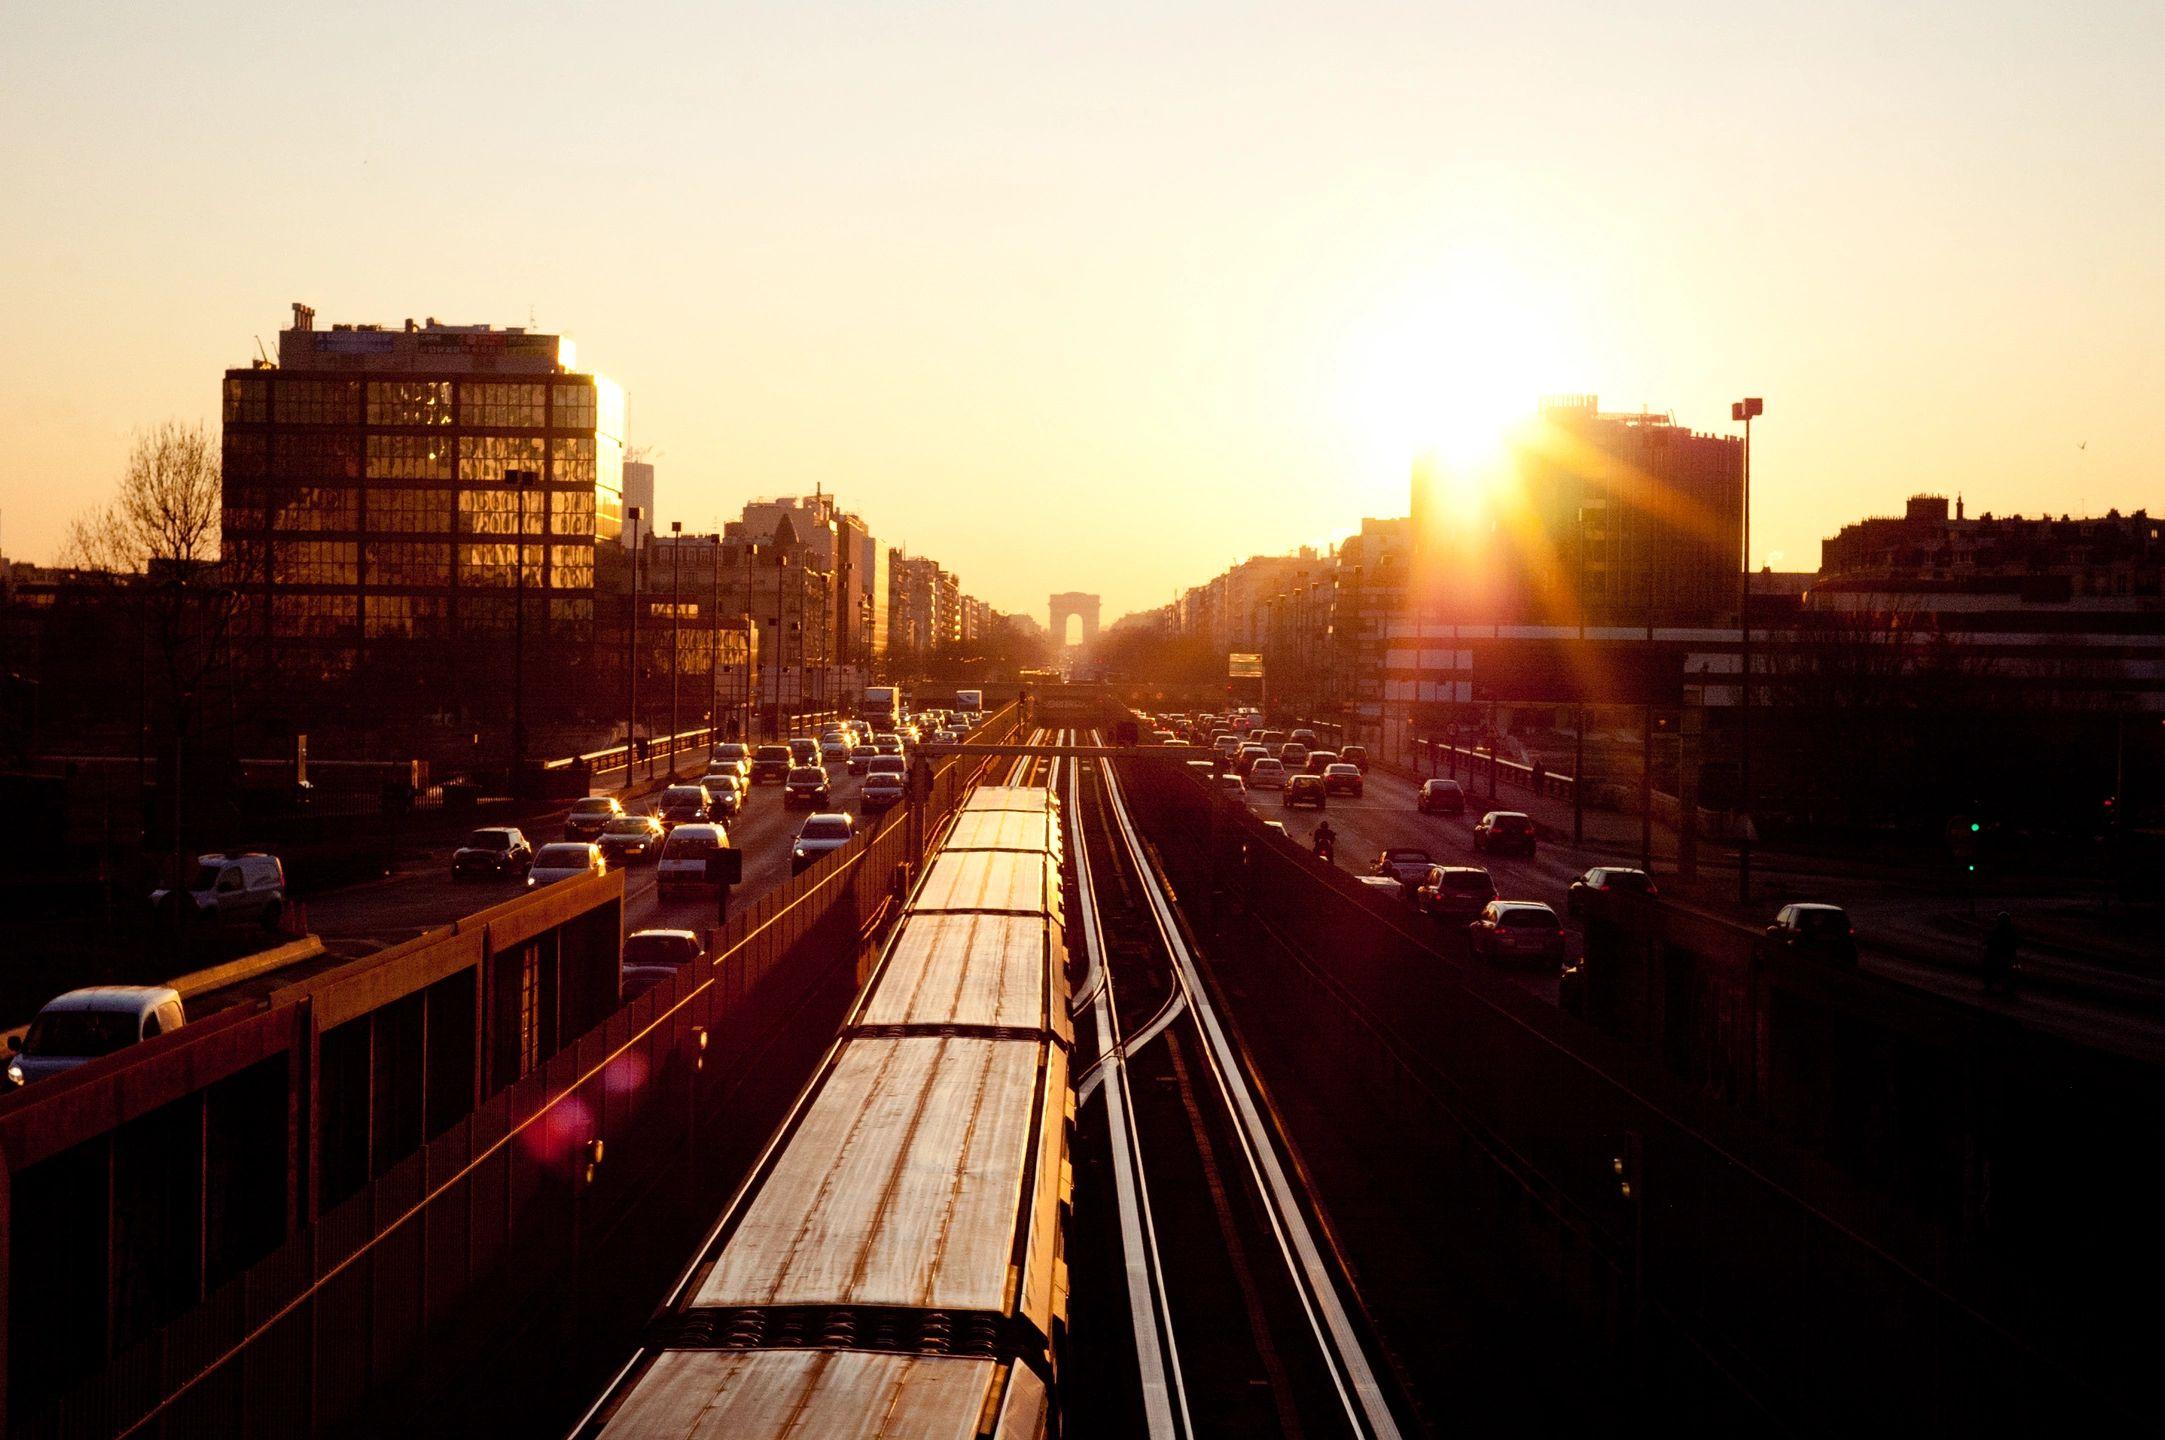 8. Semesterticket ile toplu taşımayı ücretsiz kullanabilme